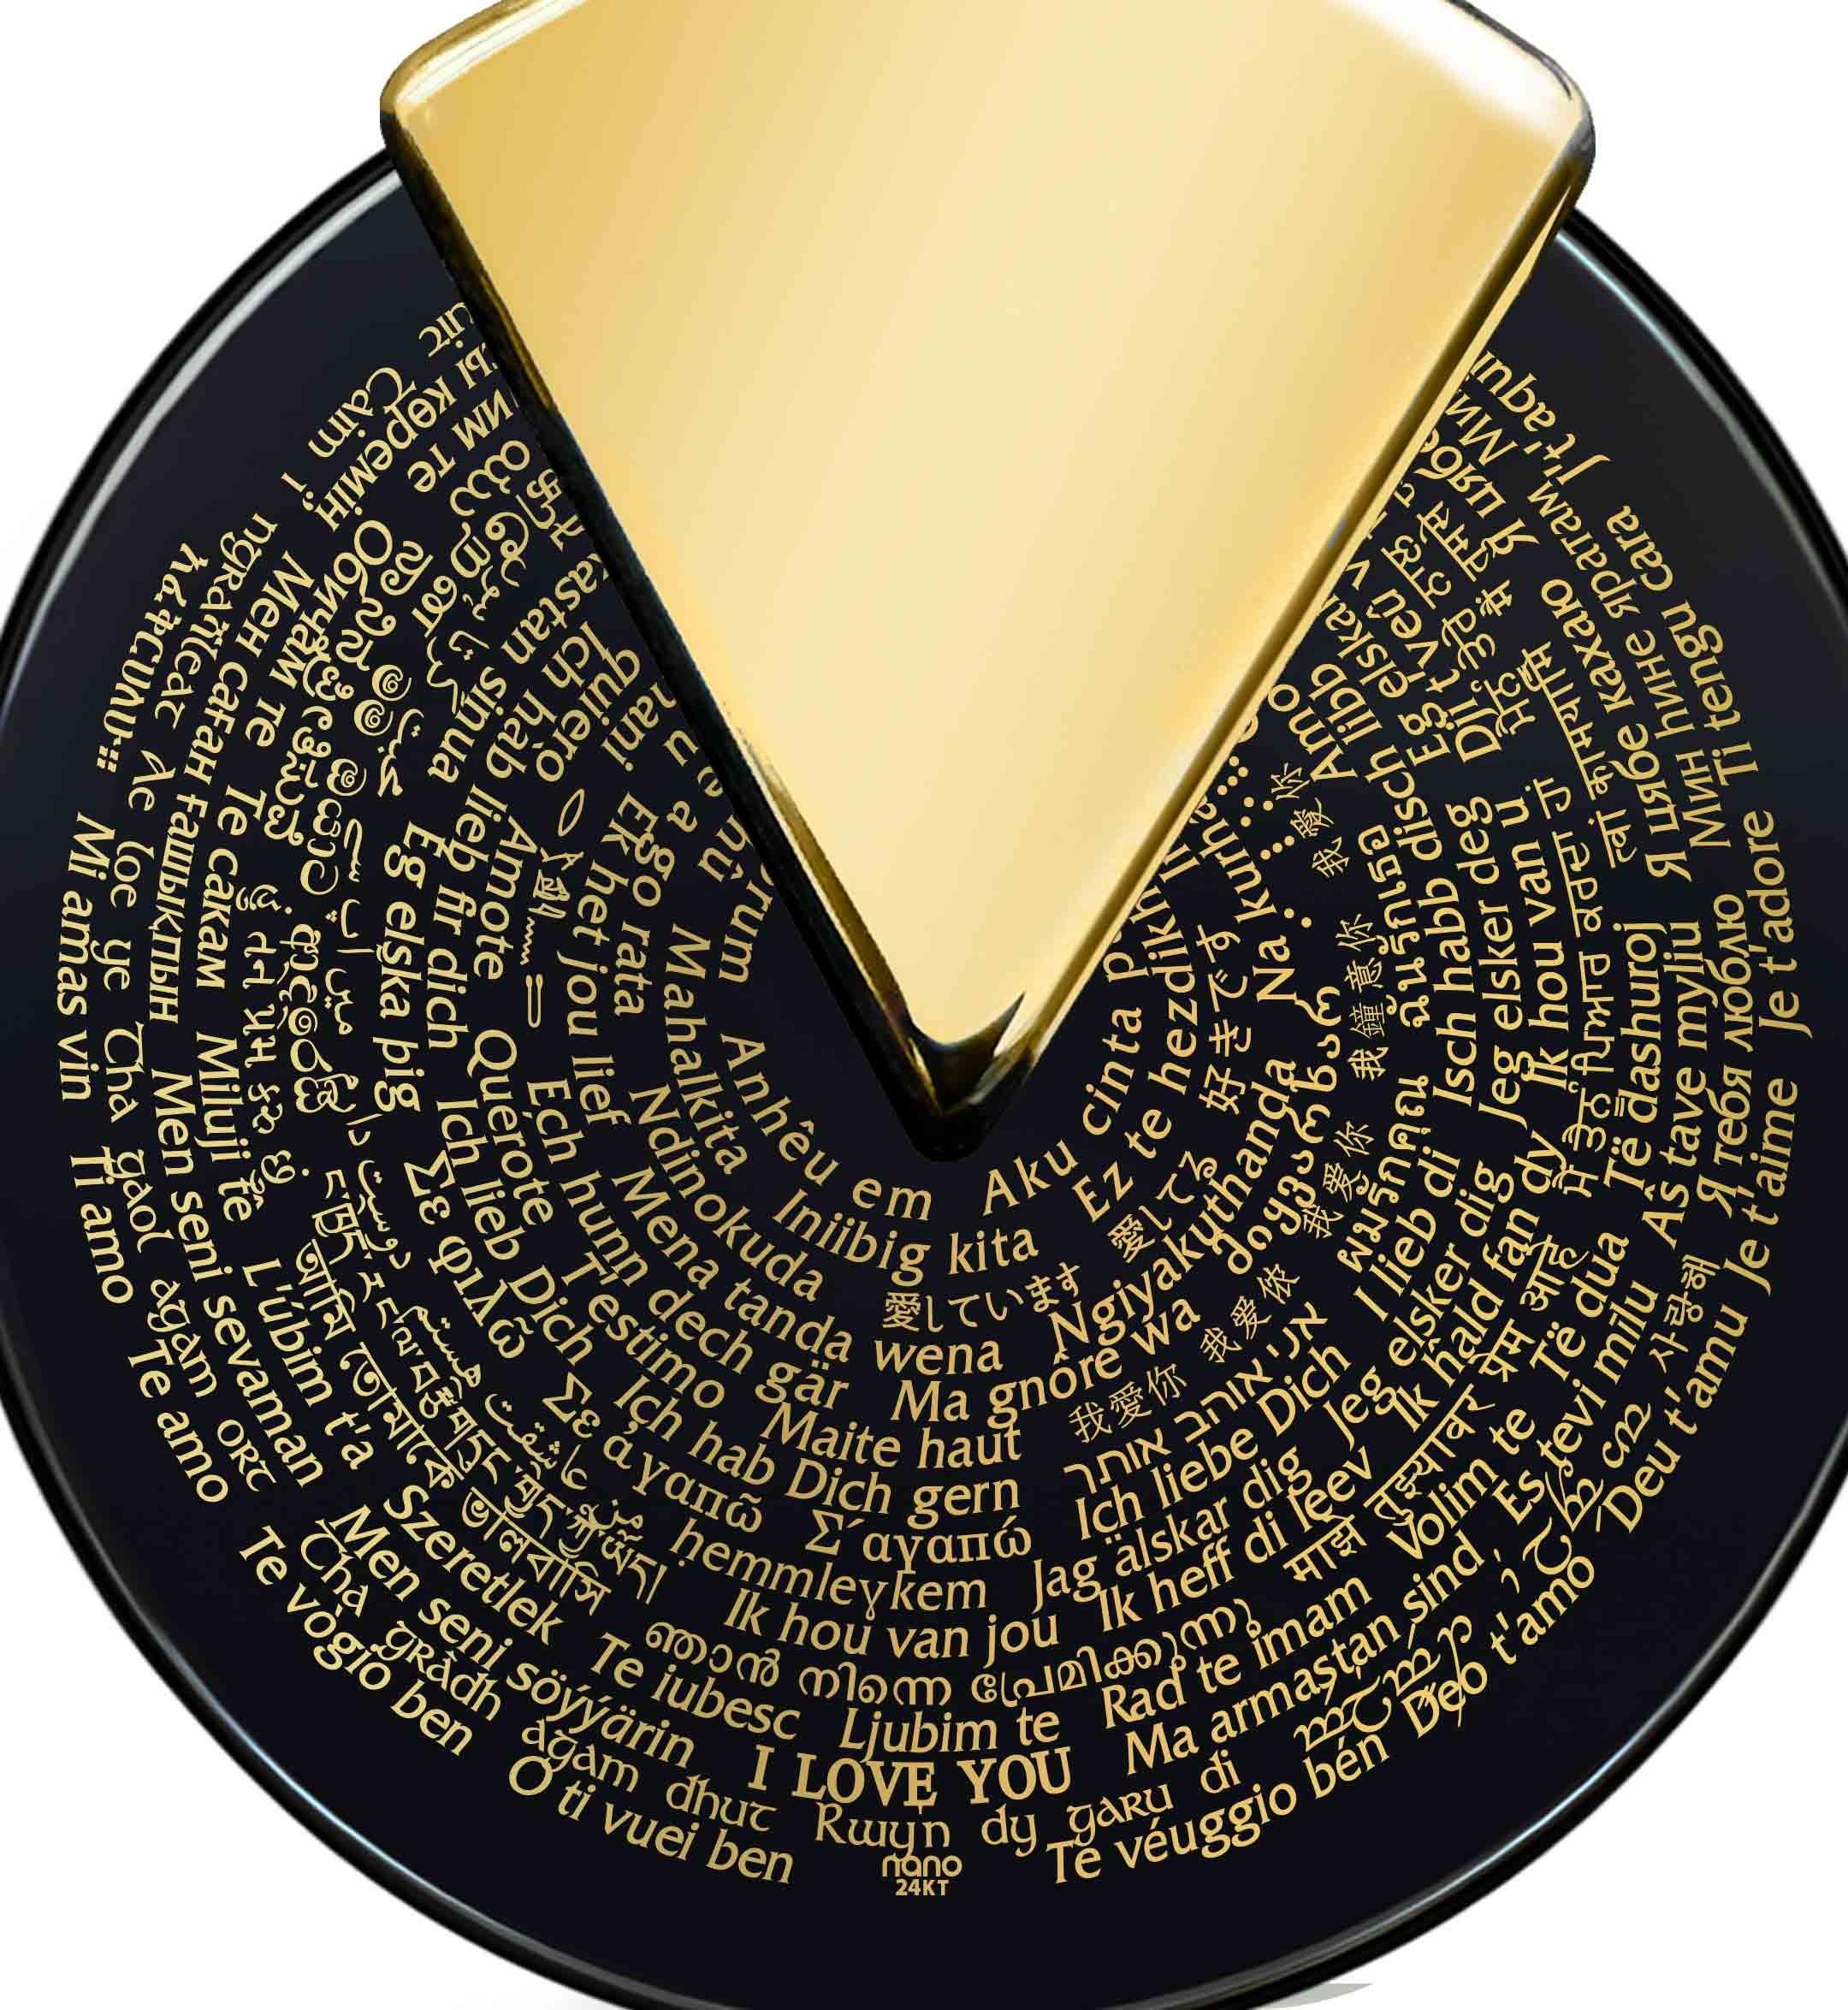 מתנות לוולנטיין - תכשיטים ליום האהבה – תכשיט רומנטי עם מילות אהבה ב-120 שפות– ננו תכשיטיםמתנות לוולנטיין - תכשיטים ליום האהבה – תכשיט רומנטי עם מילות אהבה ב-120 שפות– ננו תכשיטים